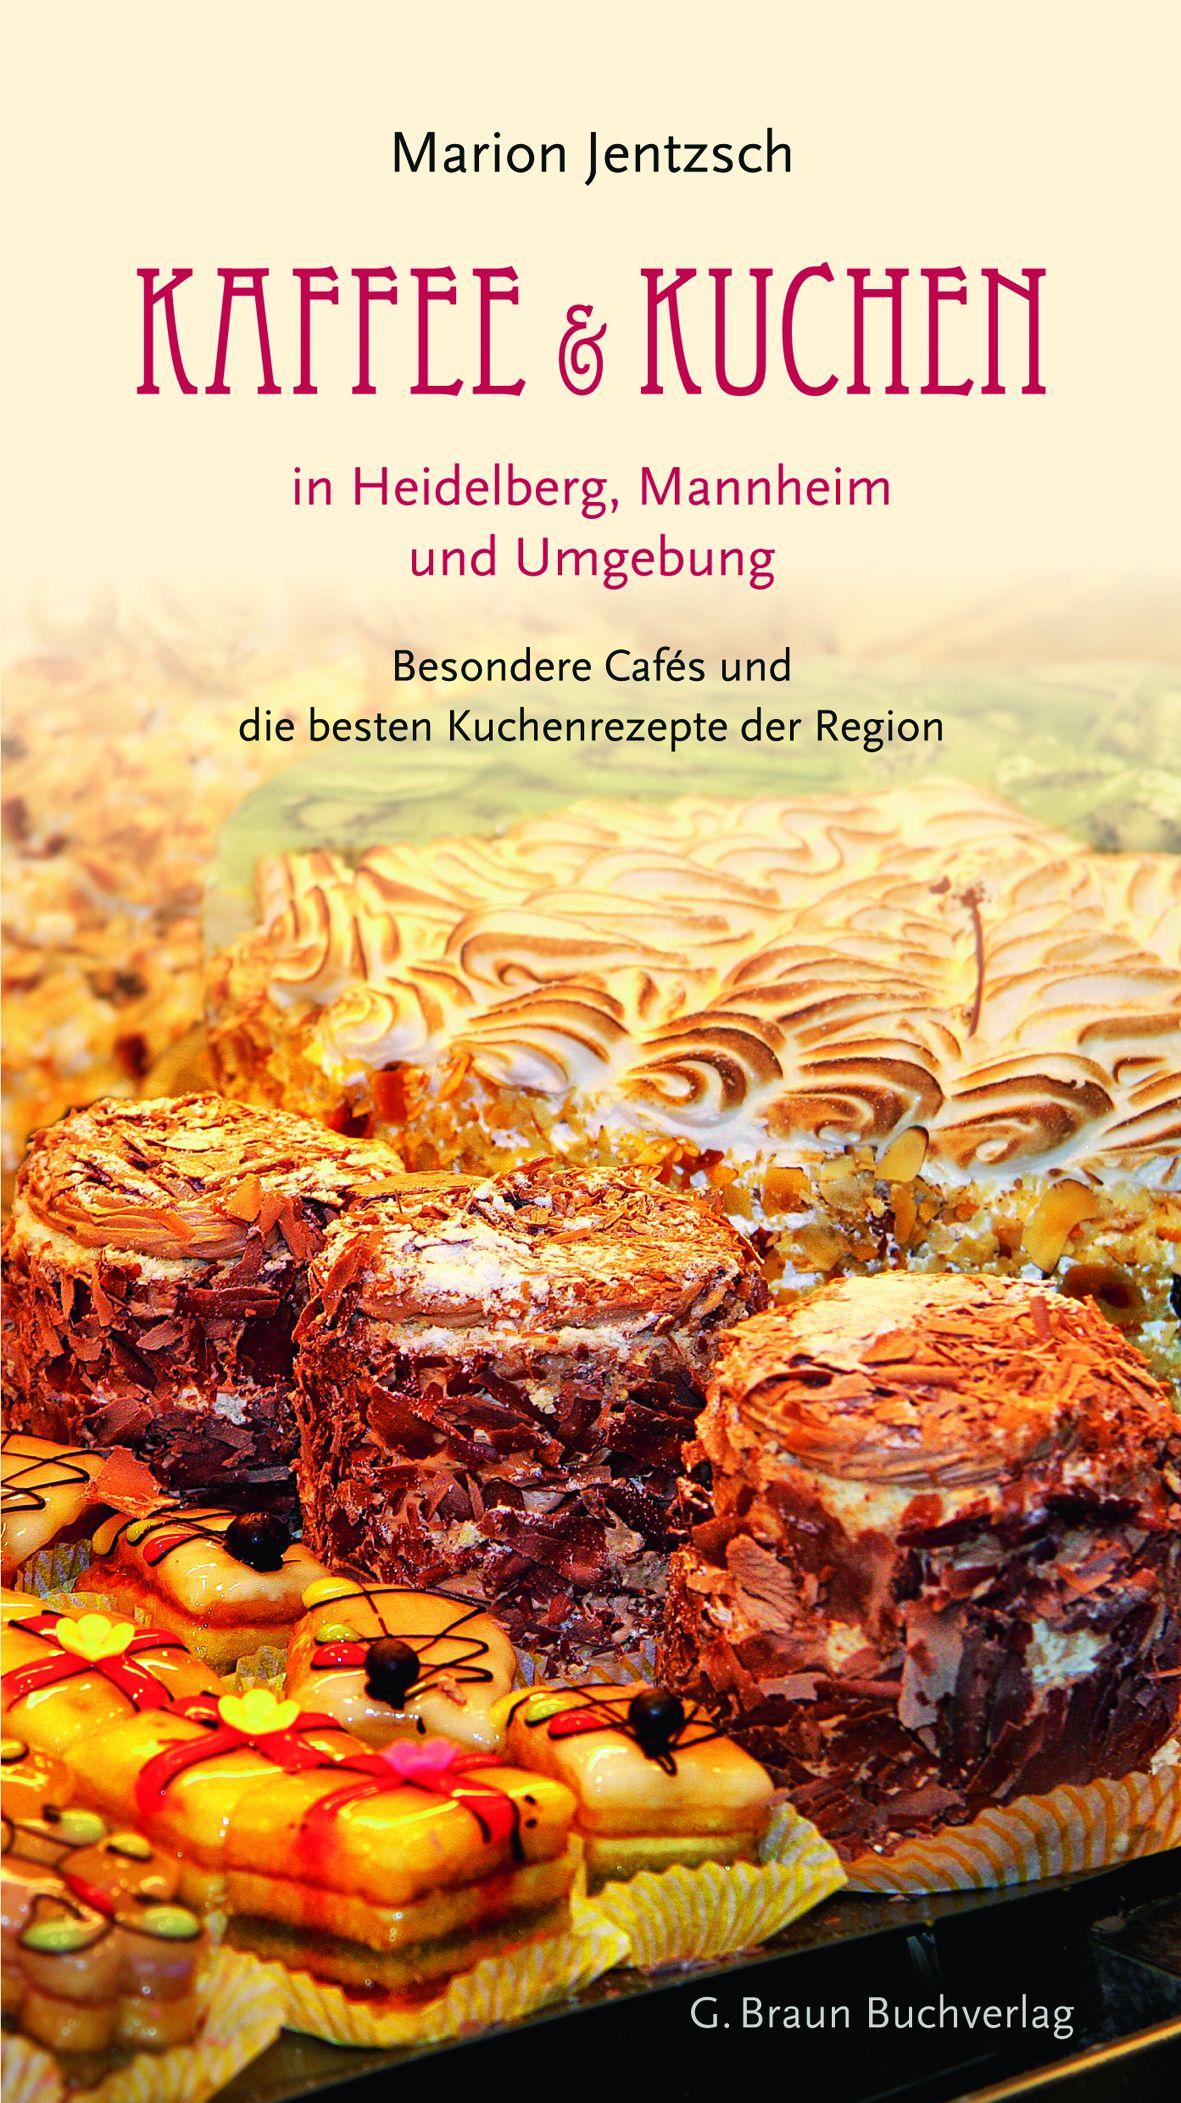 Kaffee und kuchen in heidelberg mannheim und umgebung von for Gebrauchte kuchen mannheim